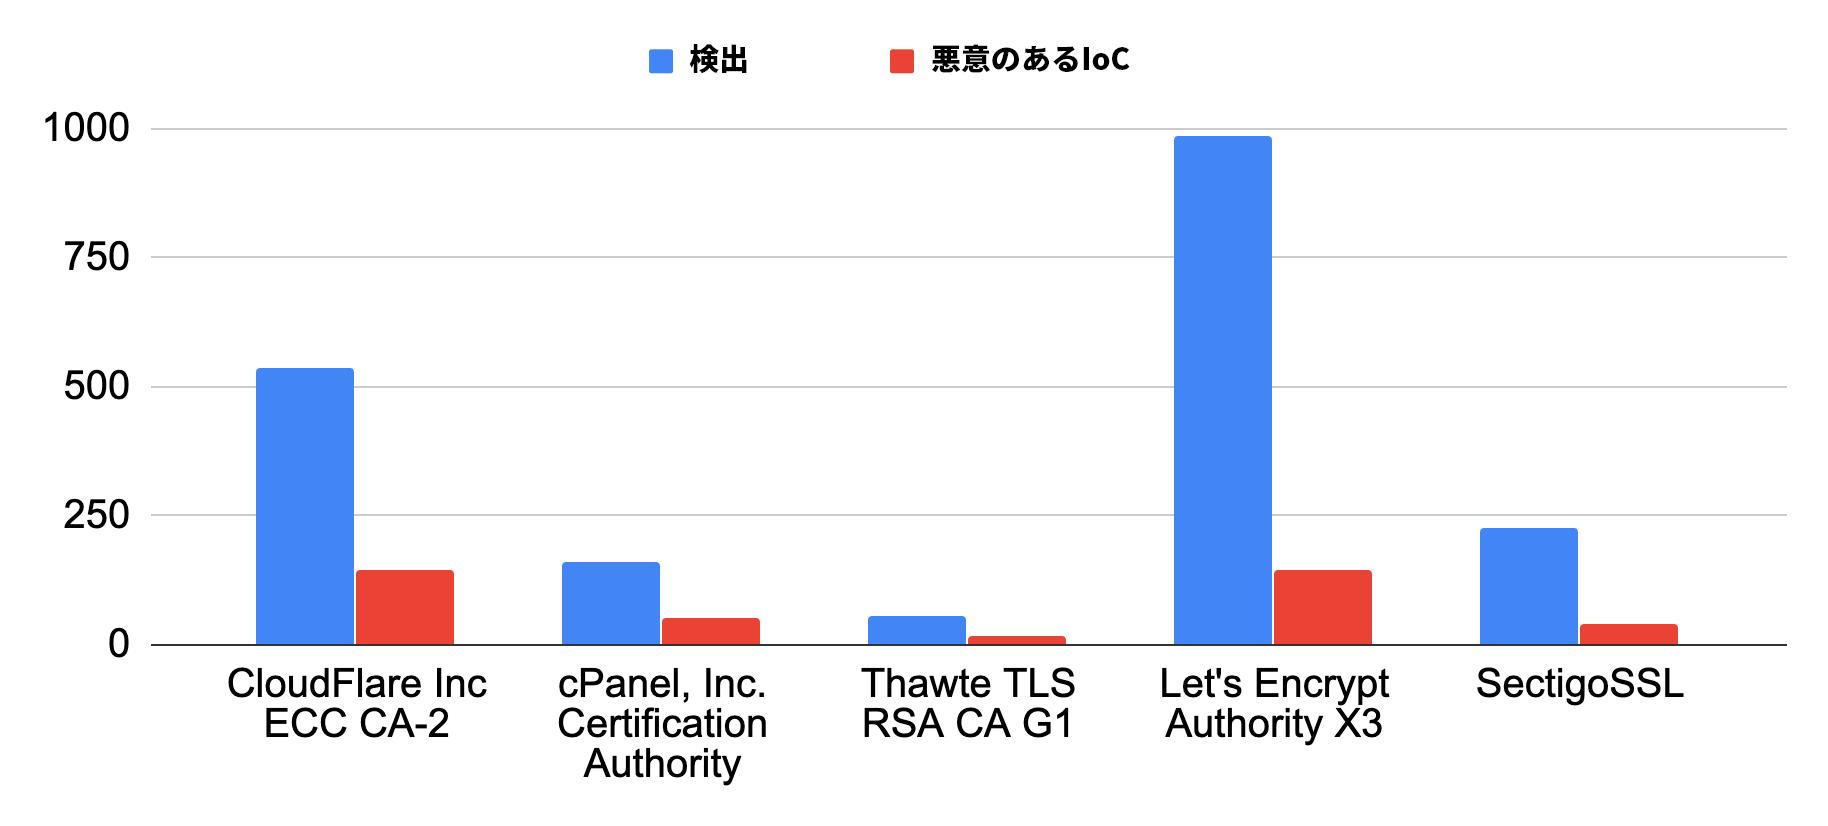 図7: 2019年12月に最も悪用された認証局上位5